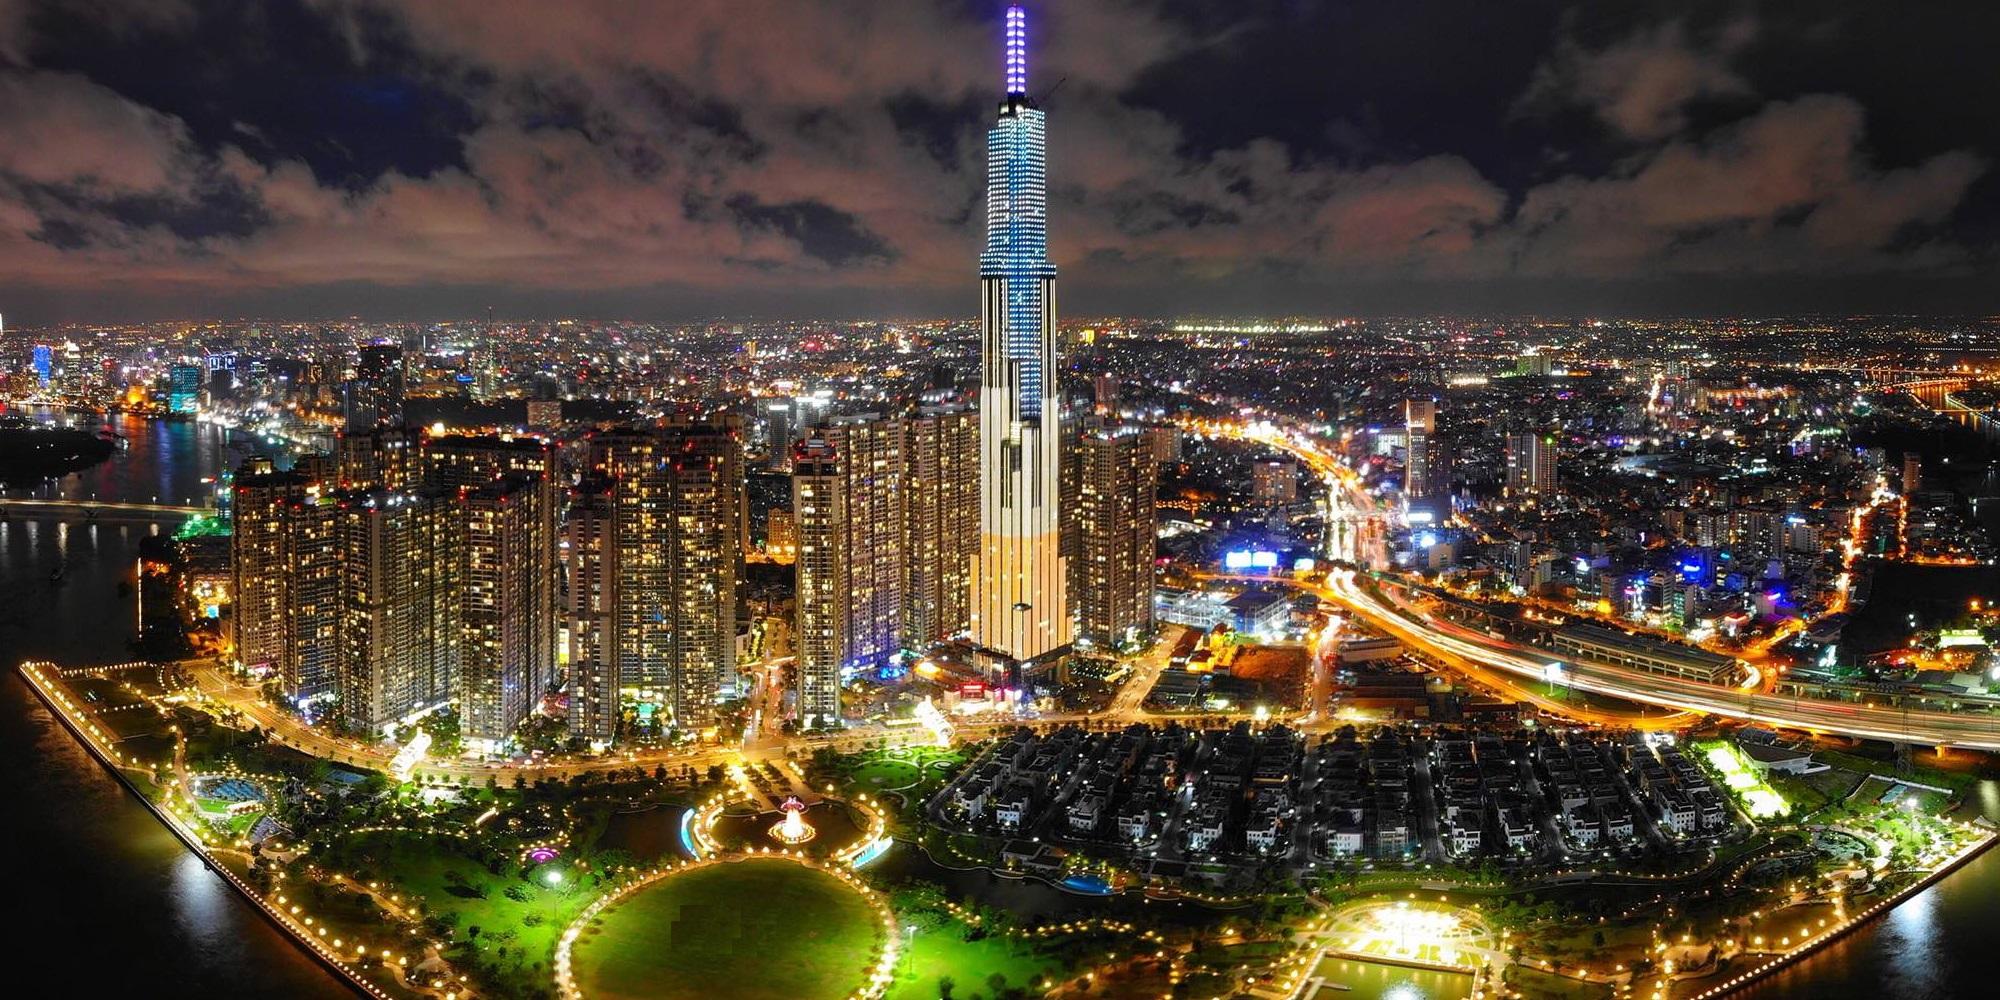 Cho thuê chung cư quận Bình Thạnh – Top #7 căn hộ Nên Thuê